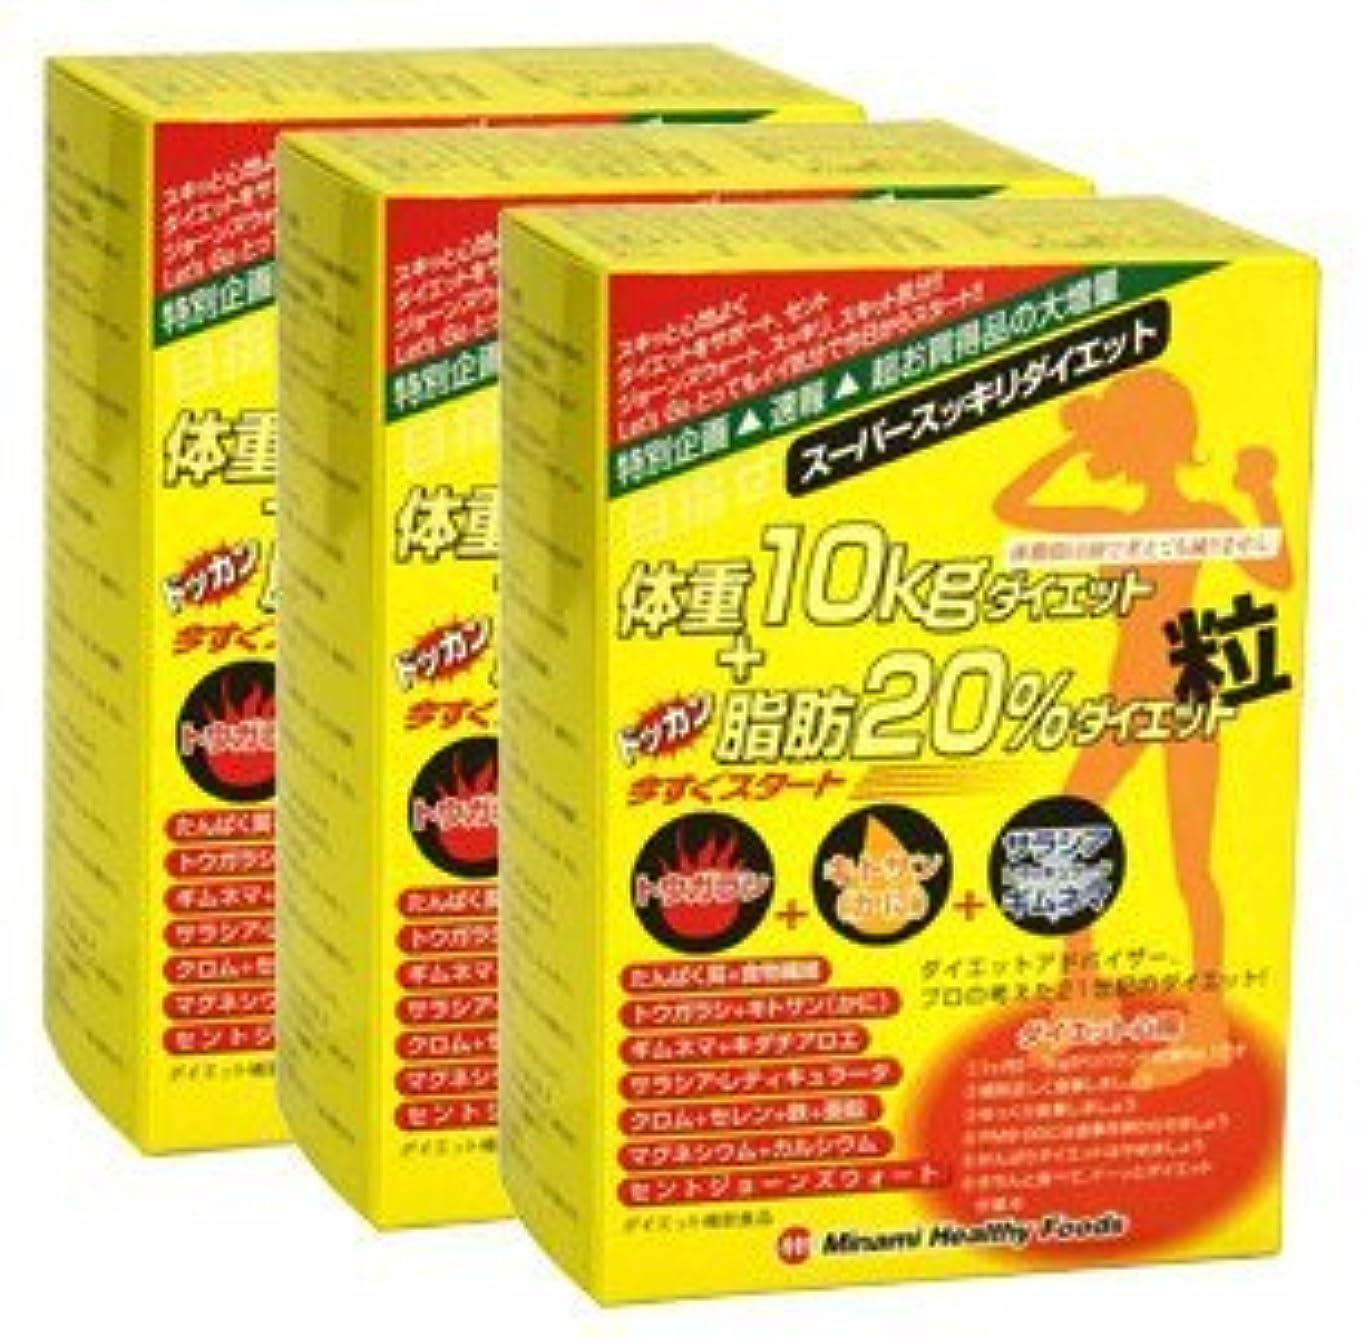 テナント断線ホバート目指せ体重10kg+ドッカン脂肪20%ダイエット粒【3箱セット】ミナミヘルシーフーズ